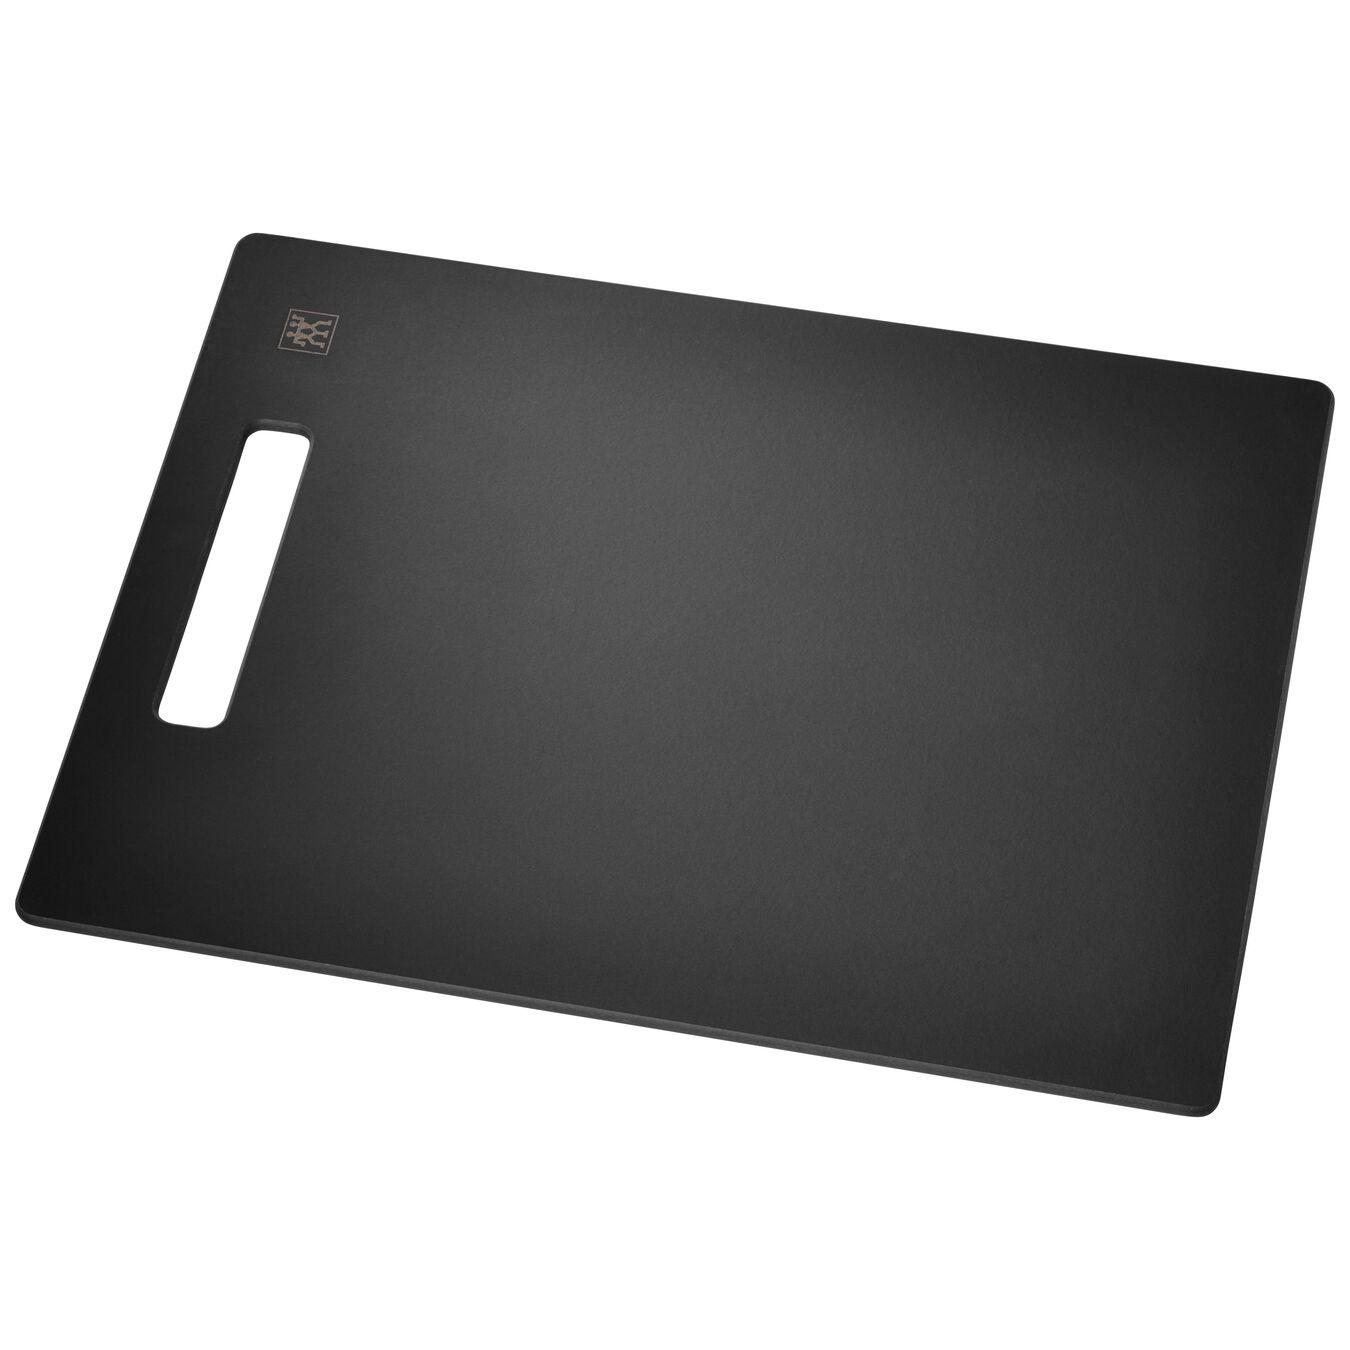 Cutting board 38 cm x 28 cm,,large 1